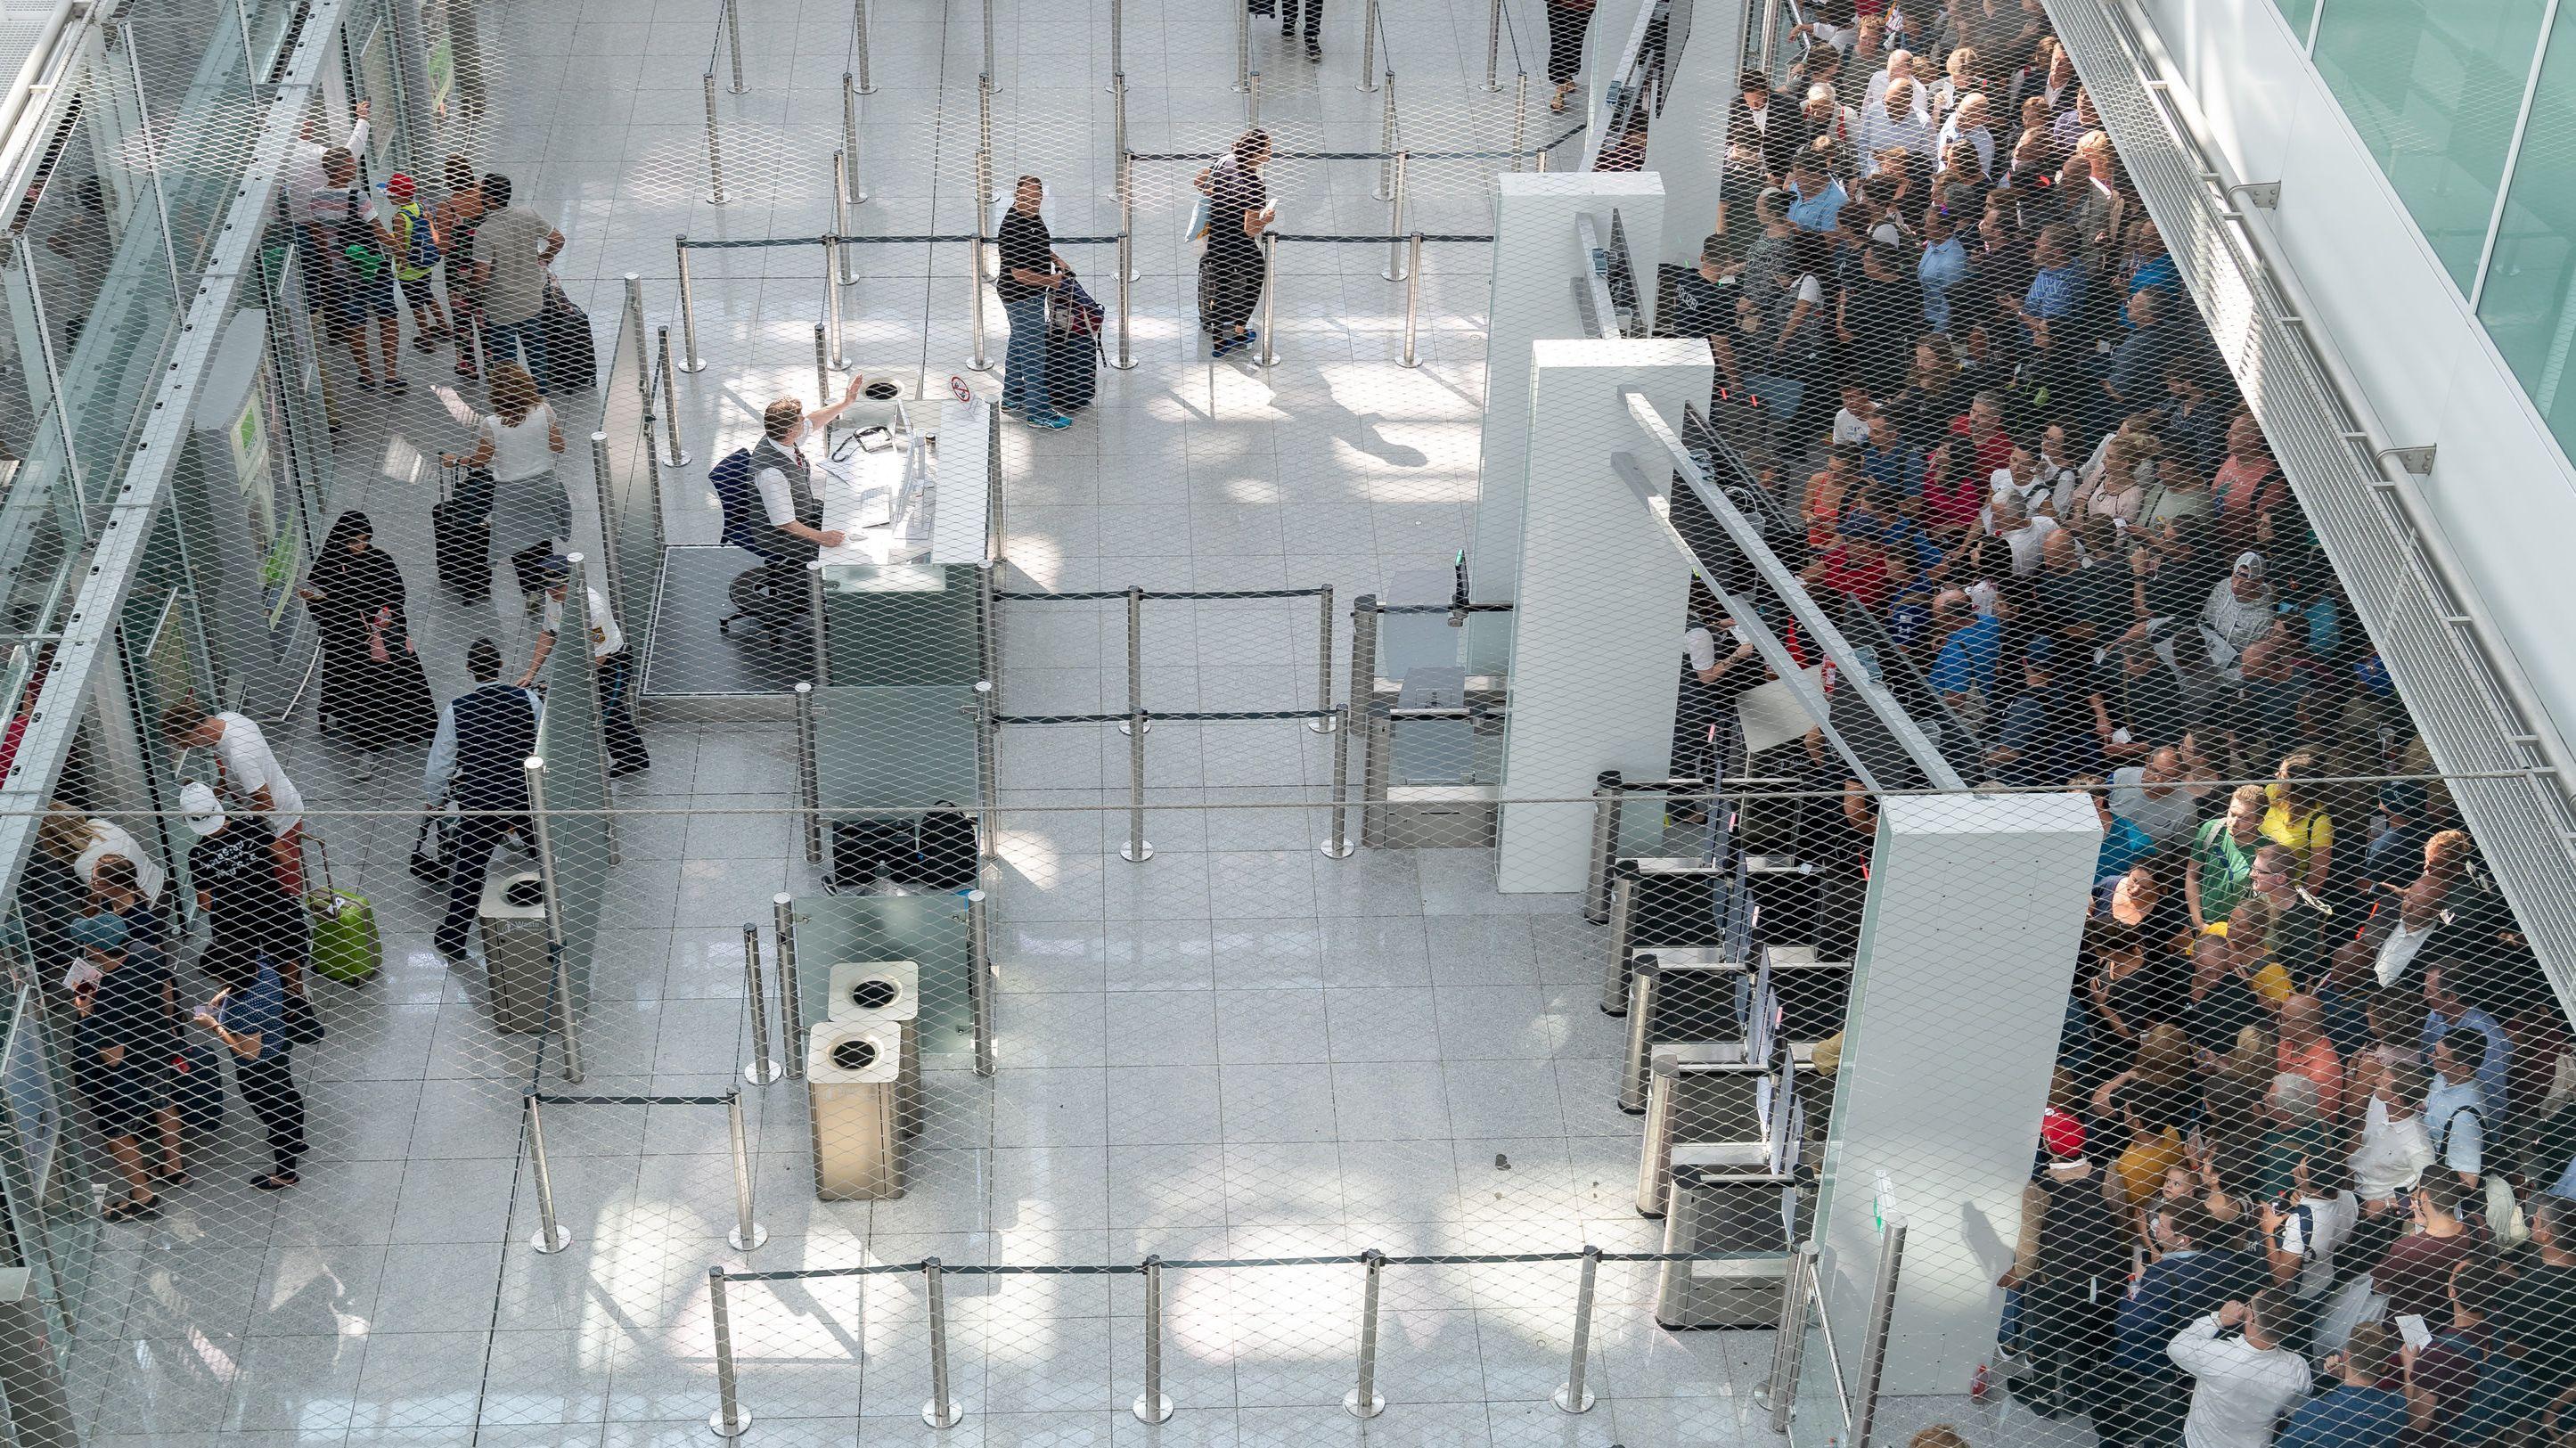 Nachdem die Unachtsamkeit eines Passagiers für 200 gestrichene Flüge gesorgt hatte, beruhigt sich die Lage am Münchner Flughafen wieder.